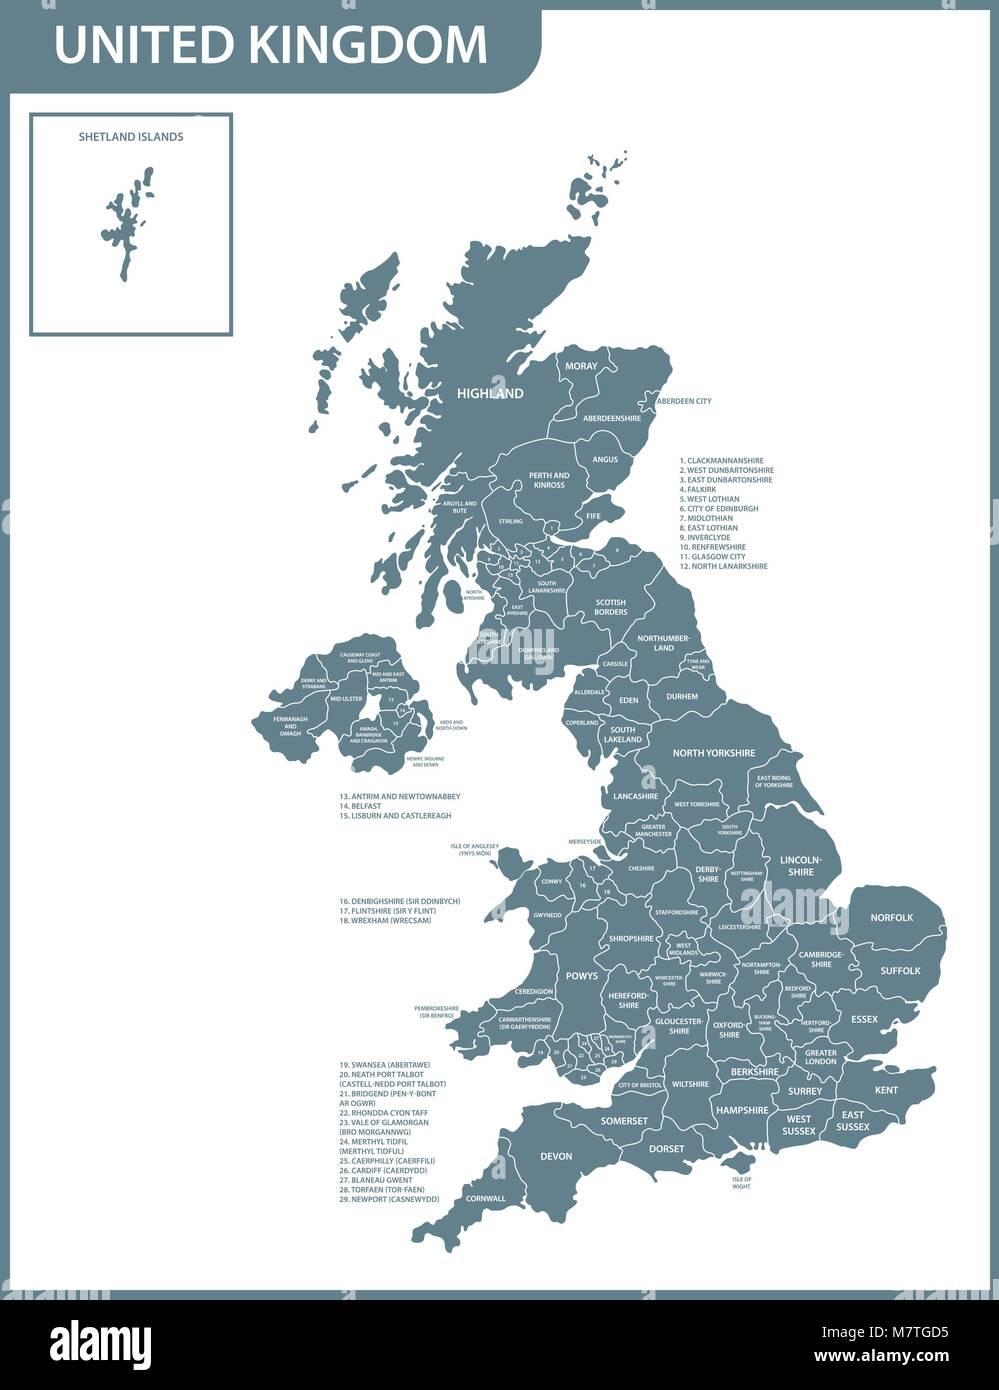 Cartina Geografica Politica Gran Bretagna.La Mappa Dettagliata Del Regno Unito Con Le Regioni O Gli Stati Membri Corrente Effettiva Pertinenti Regno Unito Gran Bretagna Devision Amministrativa Immagine E Vettoriale Alamy